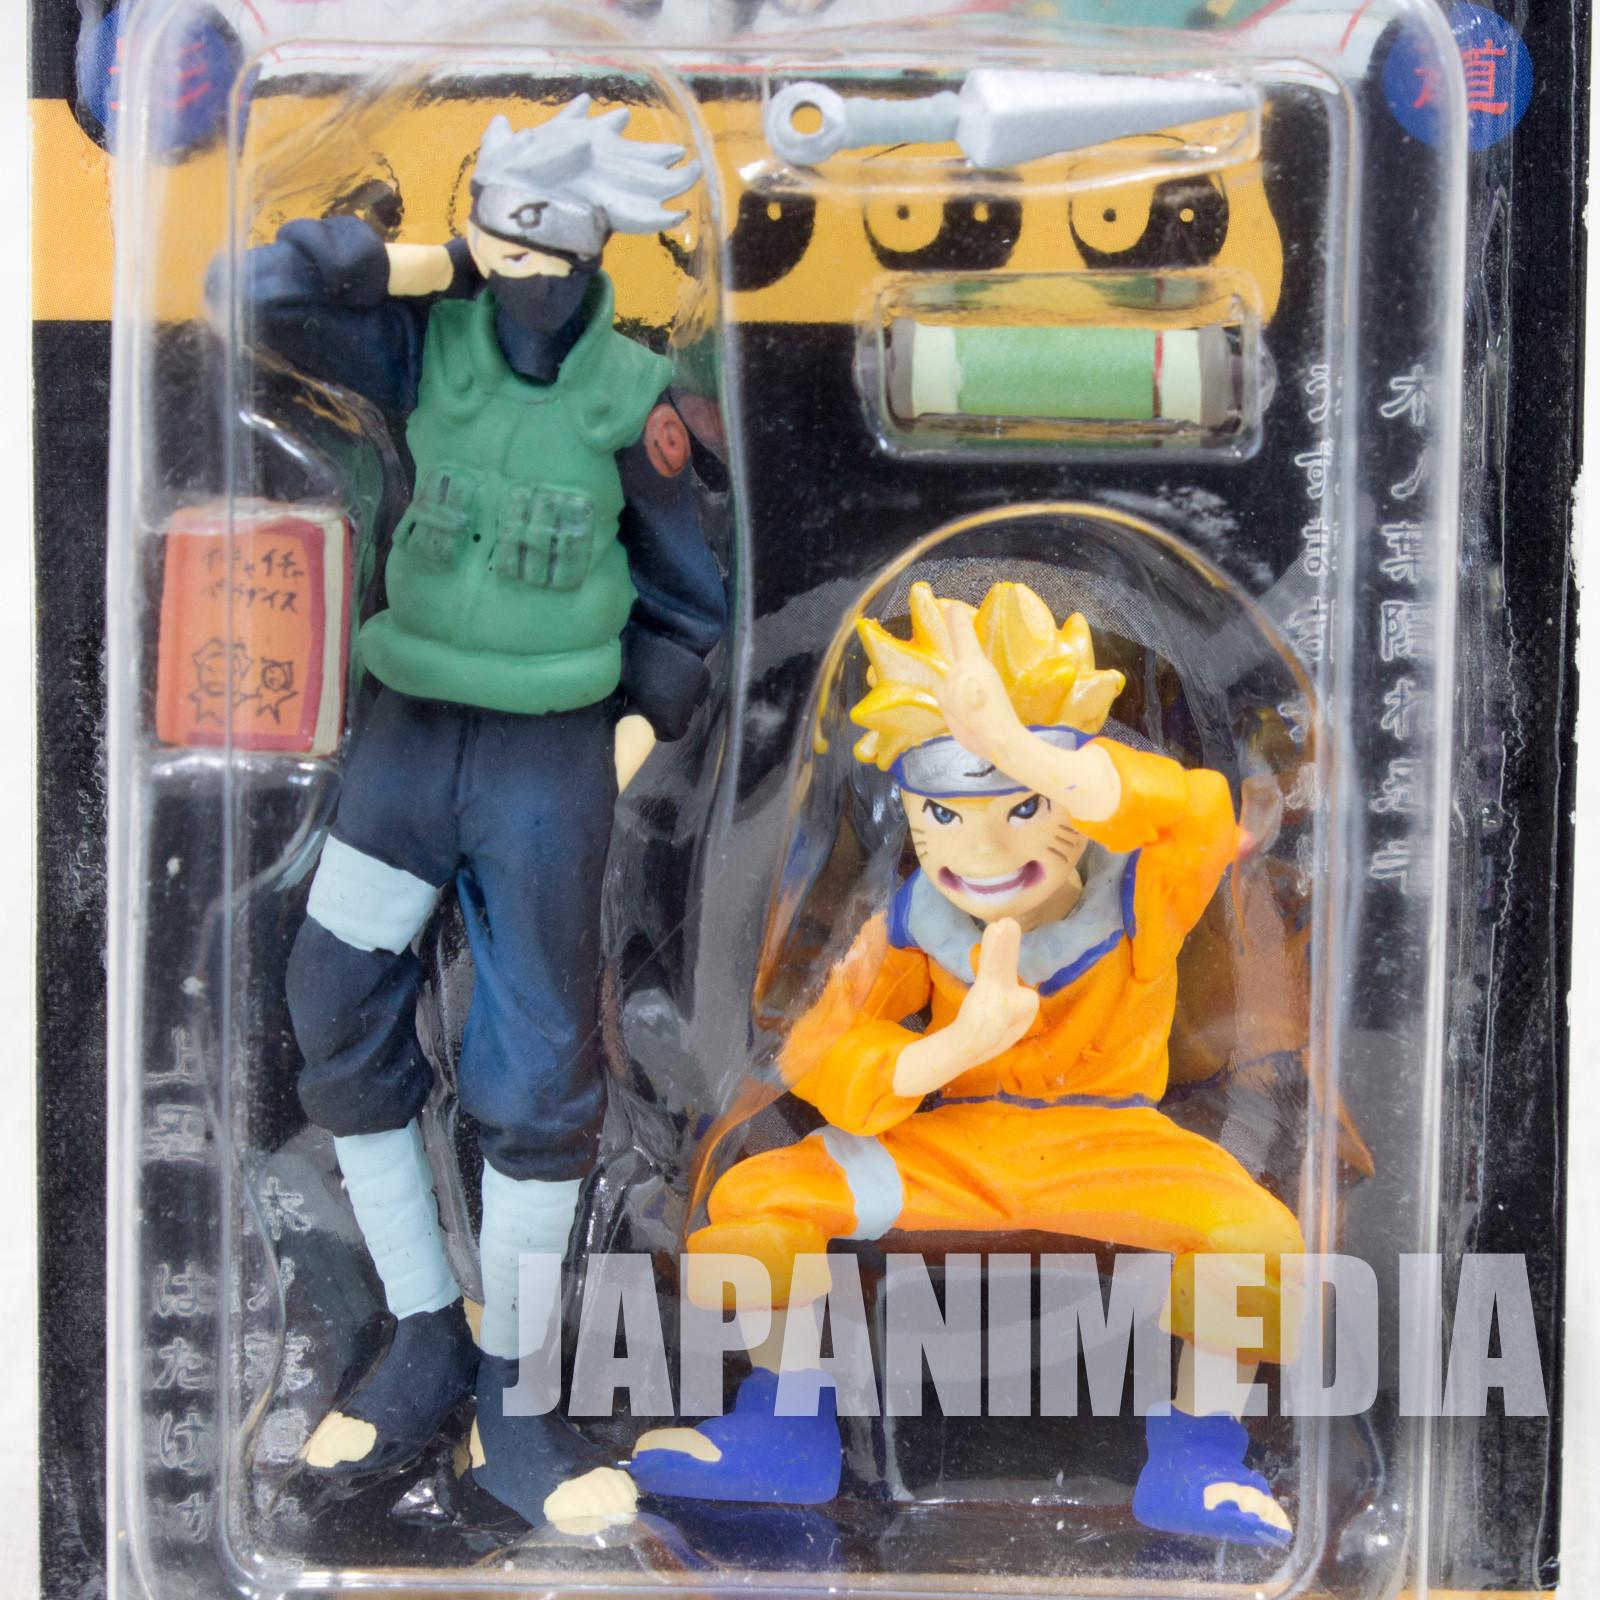 NARUTO Naruto + Kakashi Hatake Figure Weekly Shonen Jump Original Figure Set JAPAN ANIME MANGA